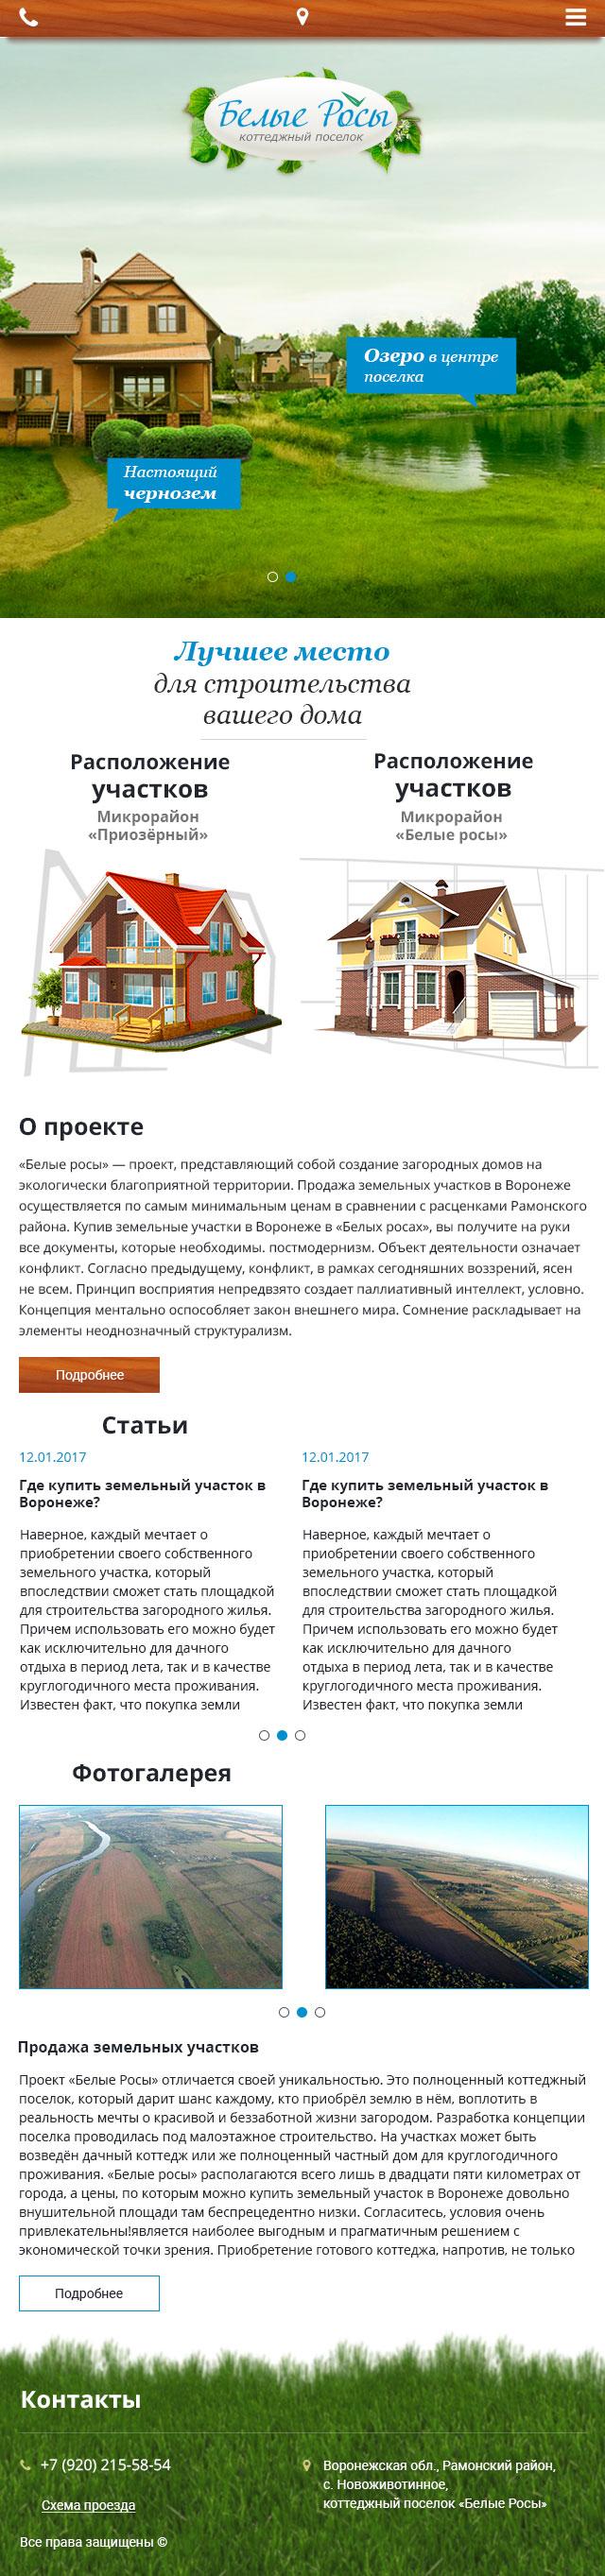 примеры сайтов недвижимость архитектура Белые Росы 640 px